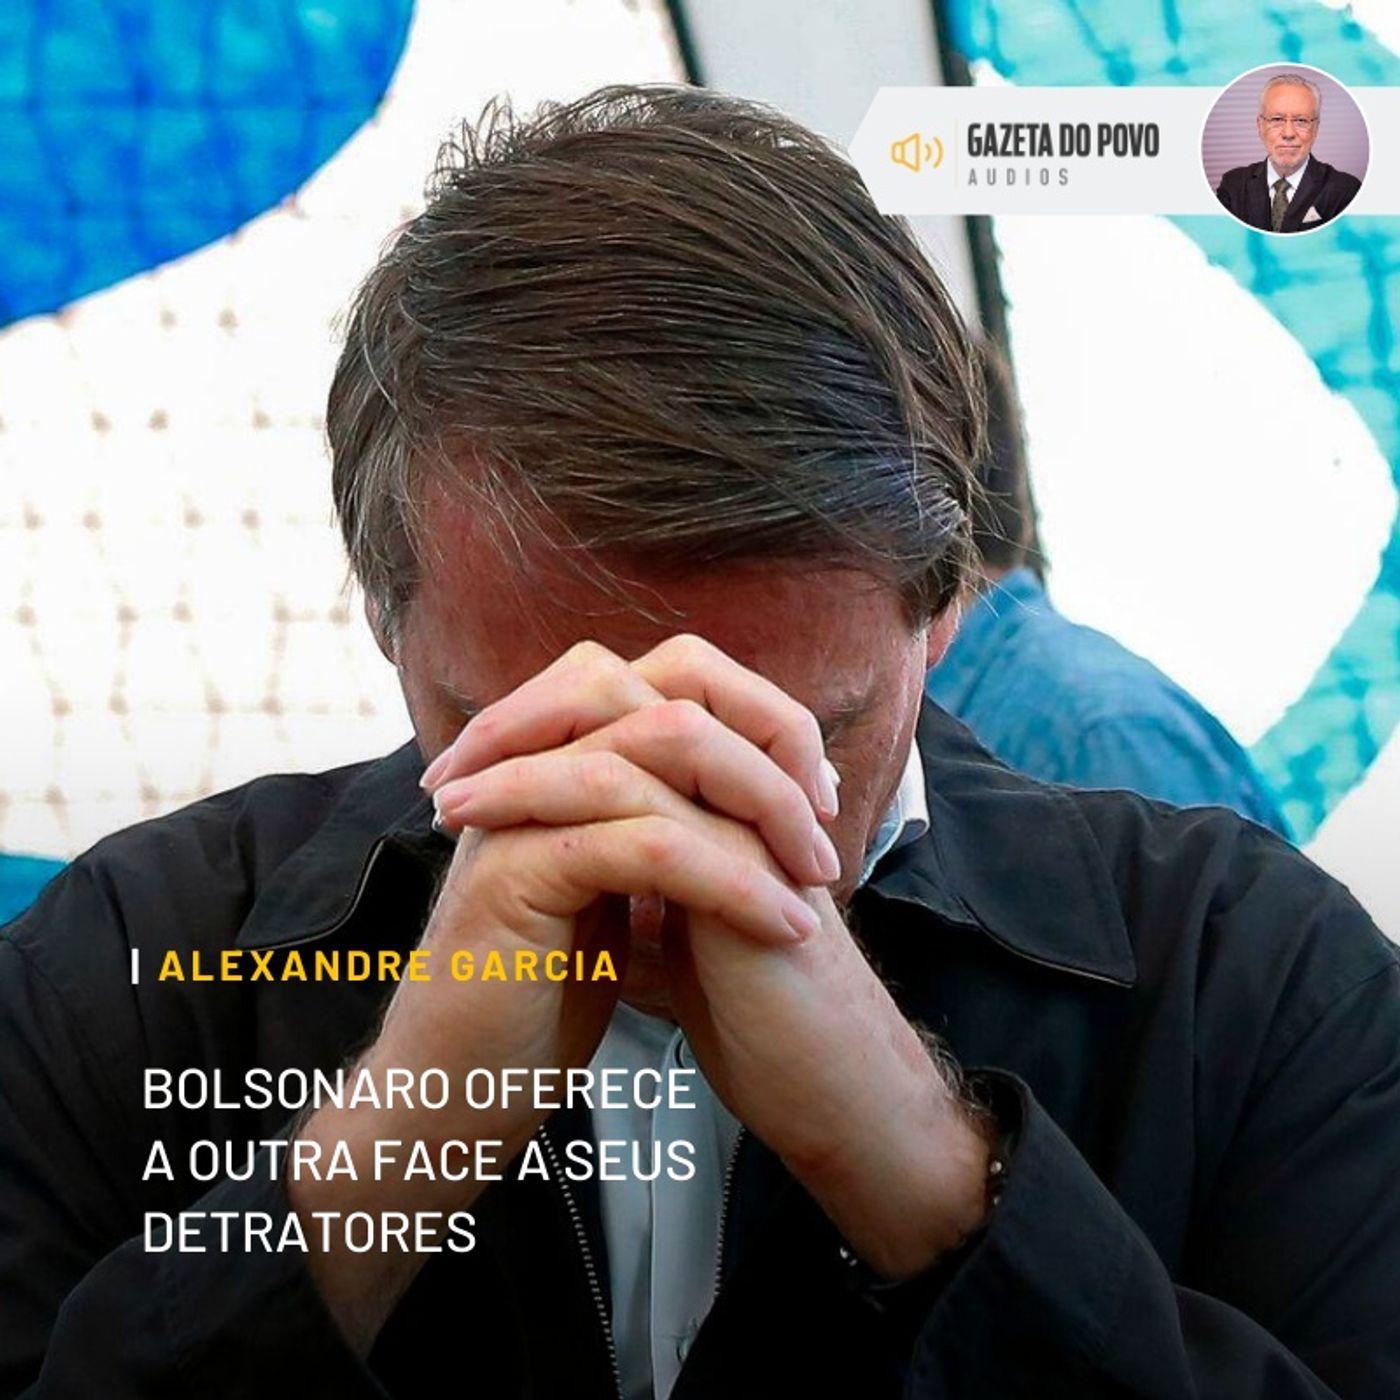 Bolsonaro oferece a outra face a seus detratores